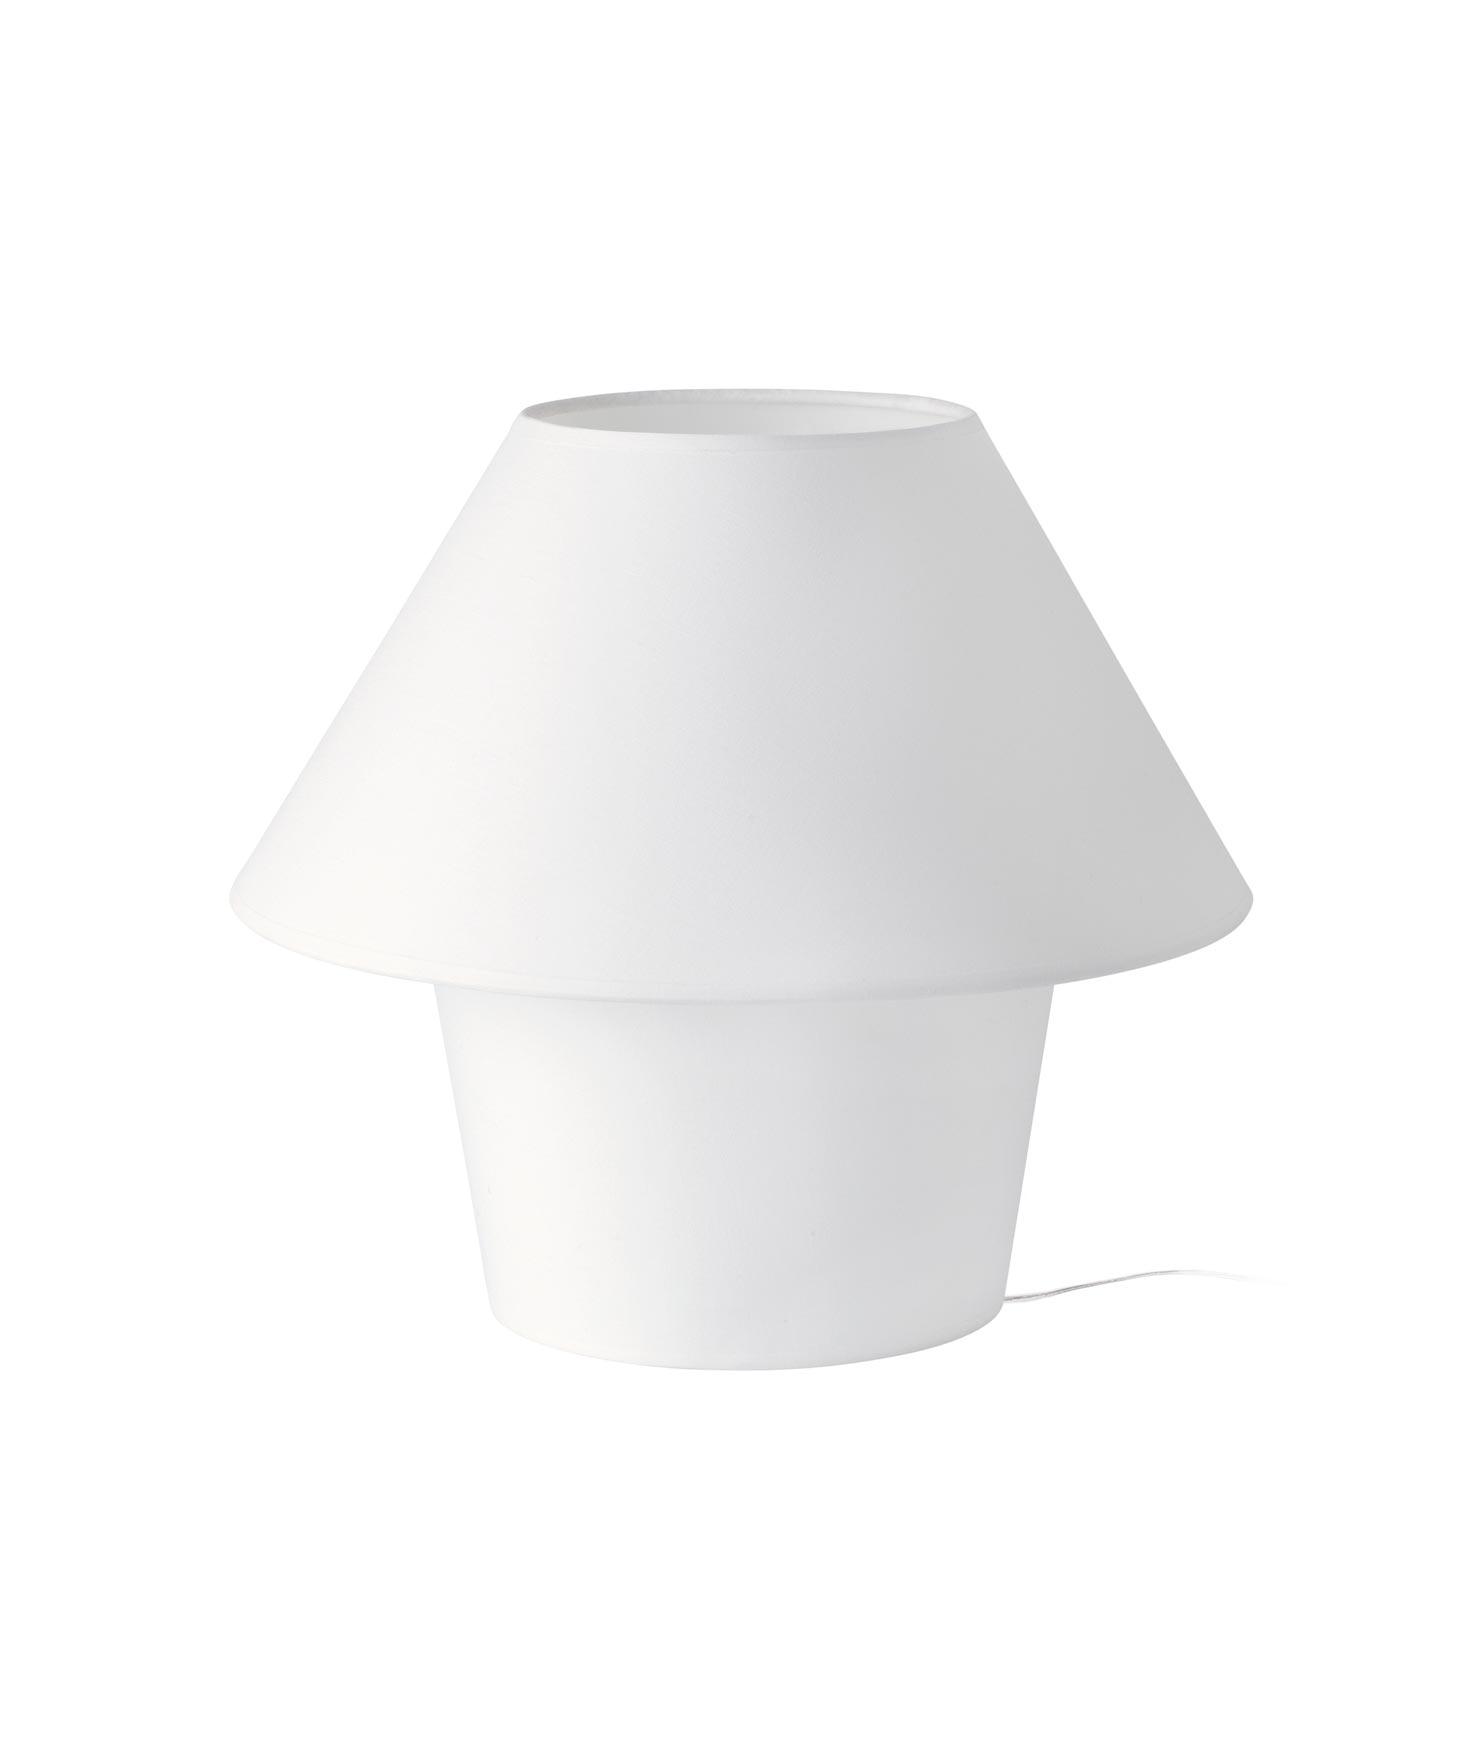 Lámpara de mesa grande VERSUS blanca